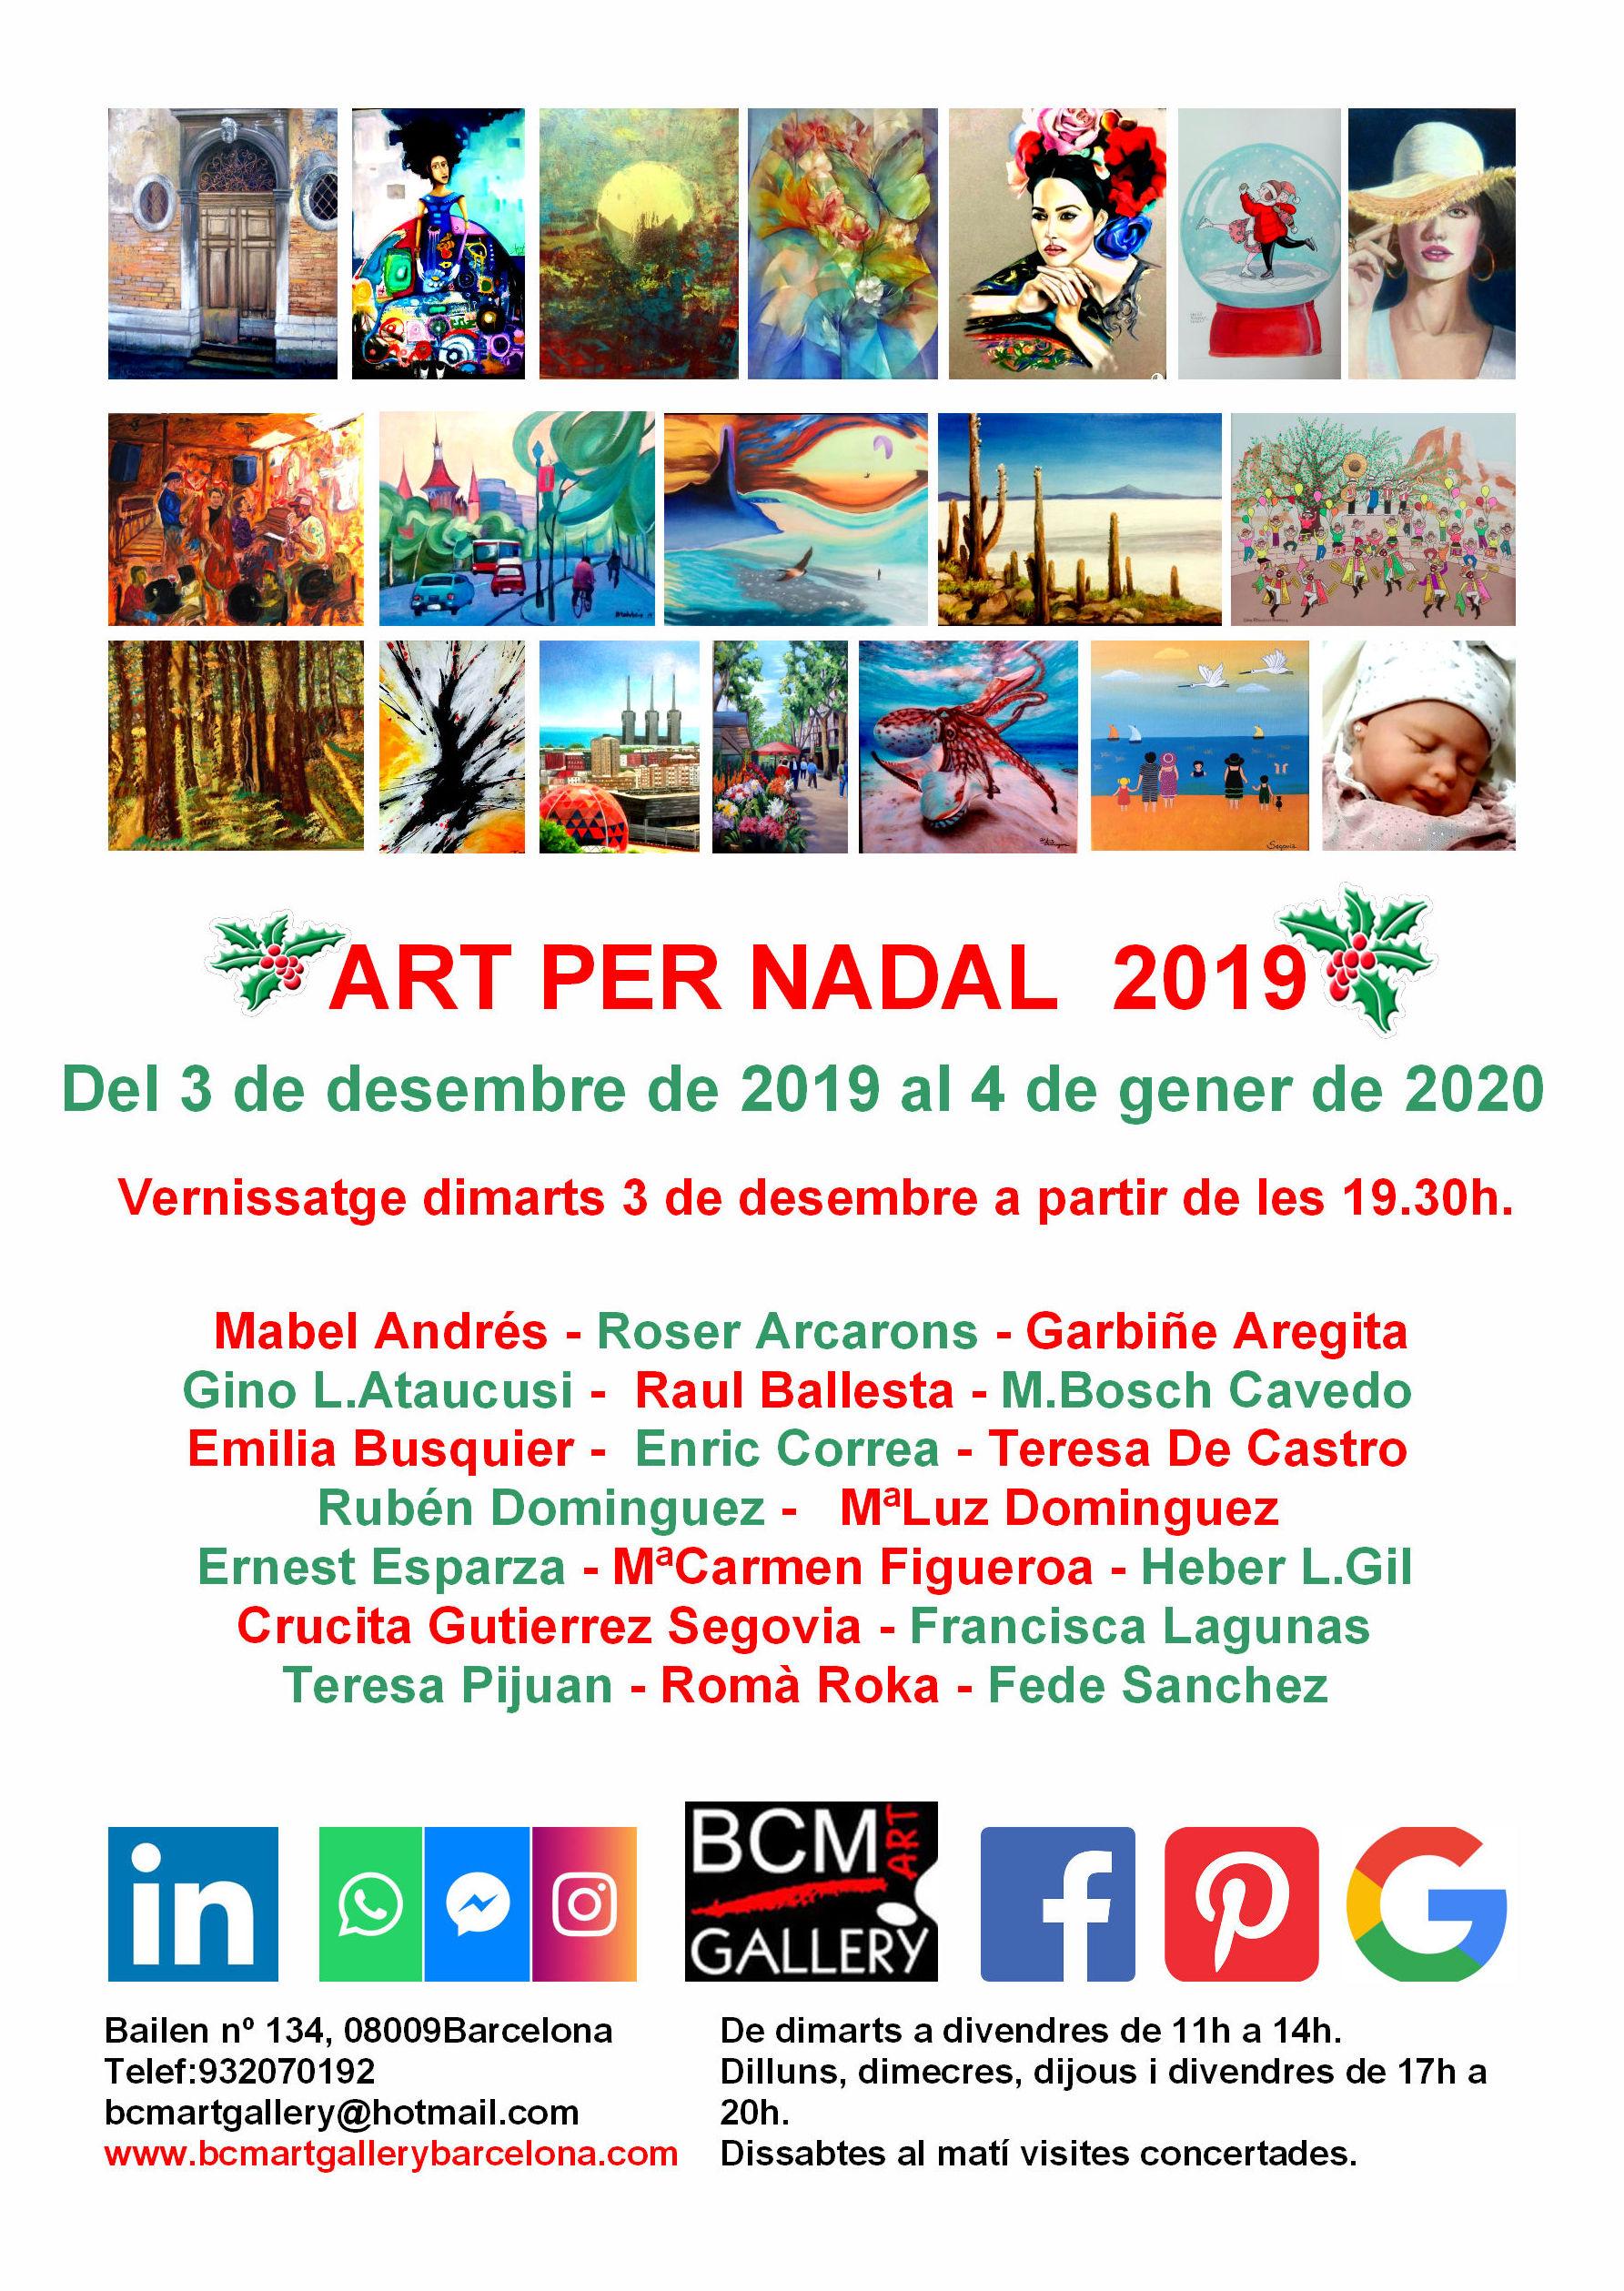 ART PER NADAL 2019: Exposiciones y artistas  de BCM Art Gallery